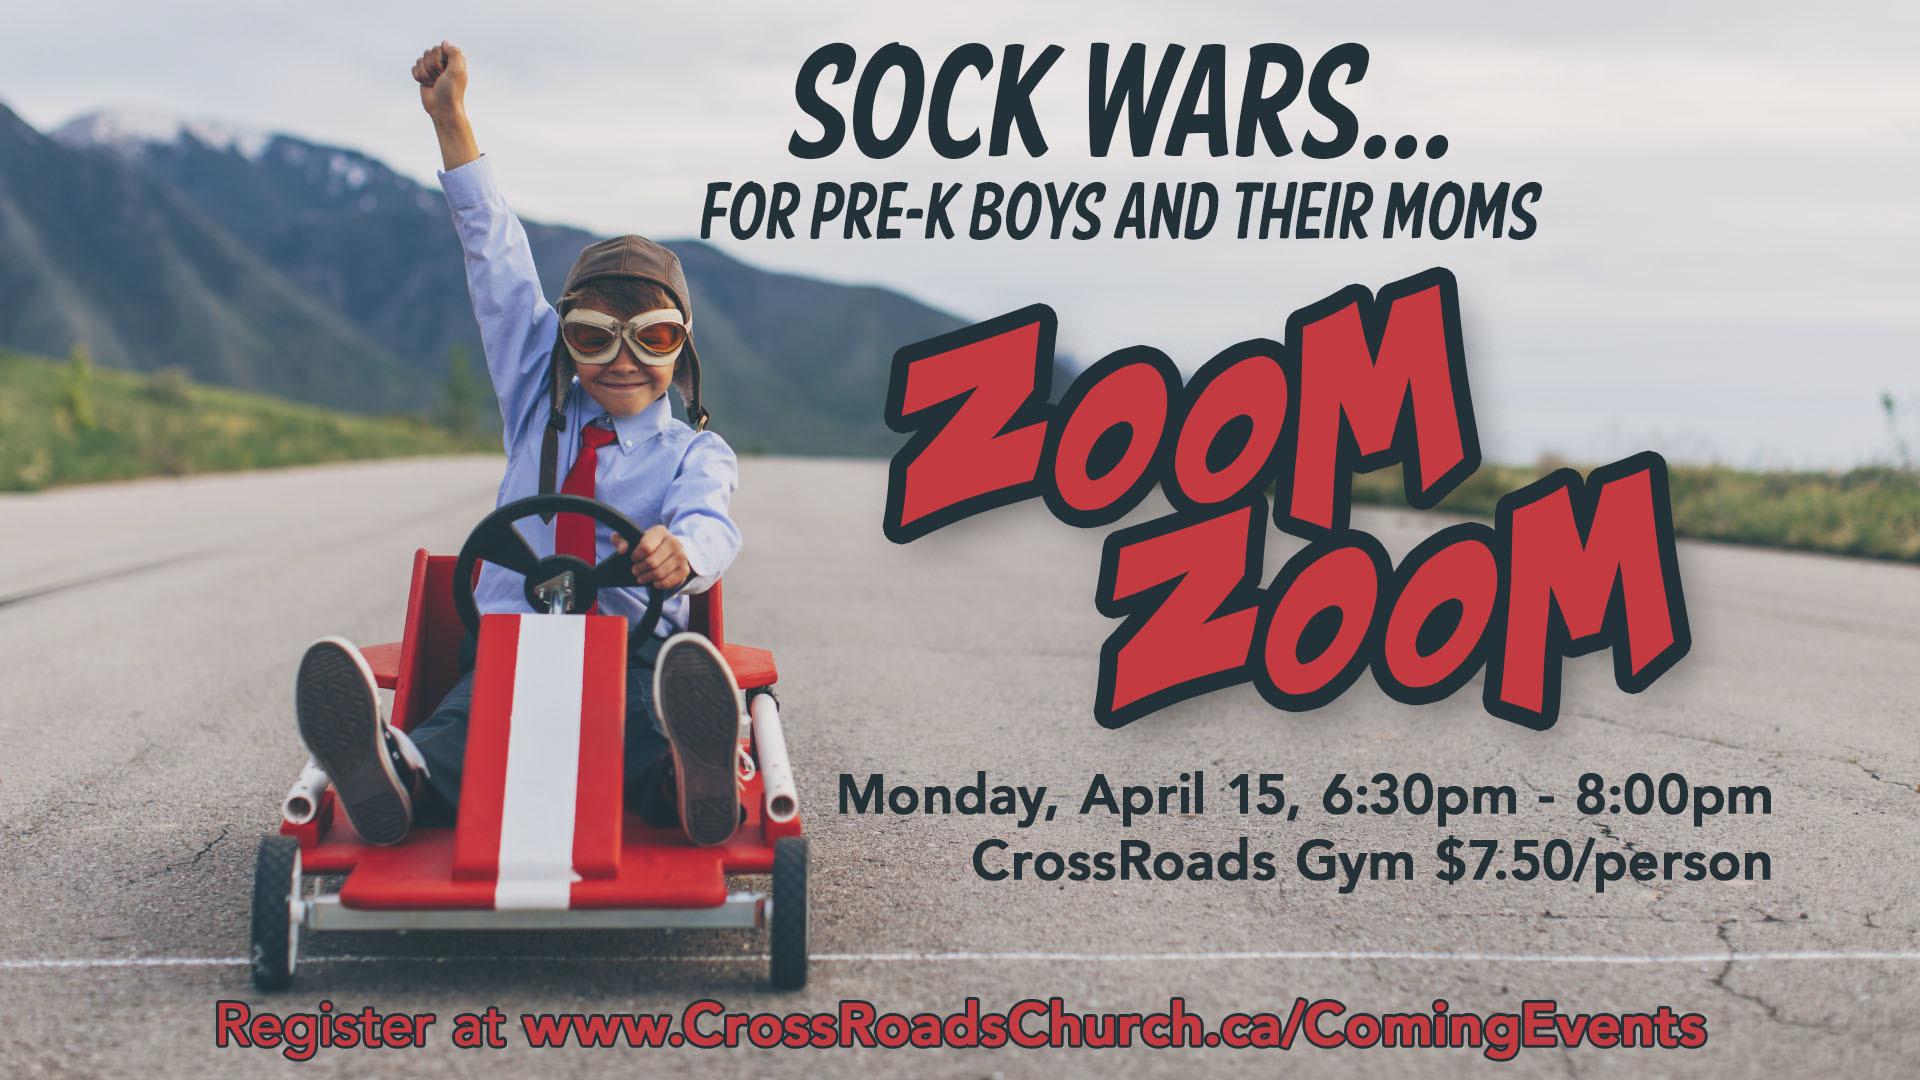 2019 sock wars